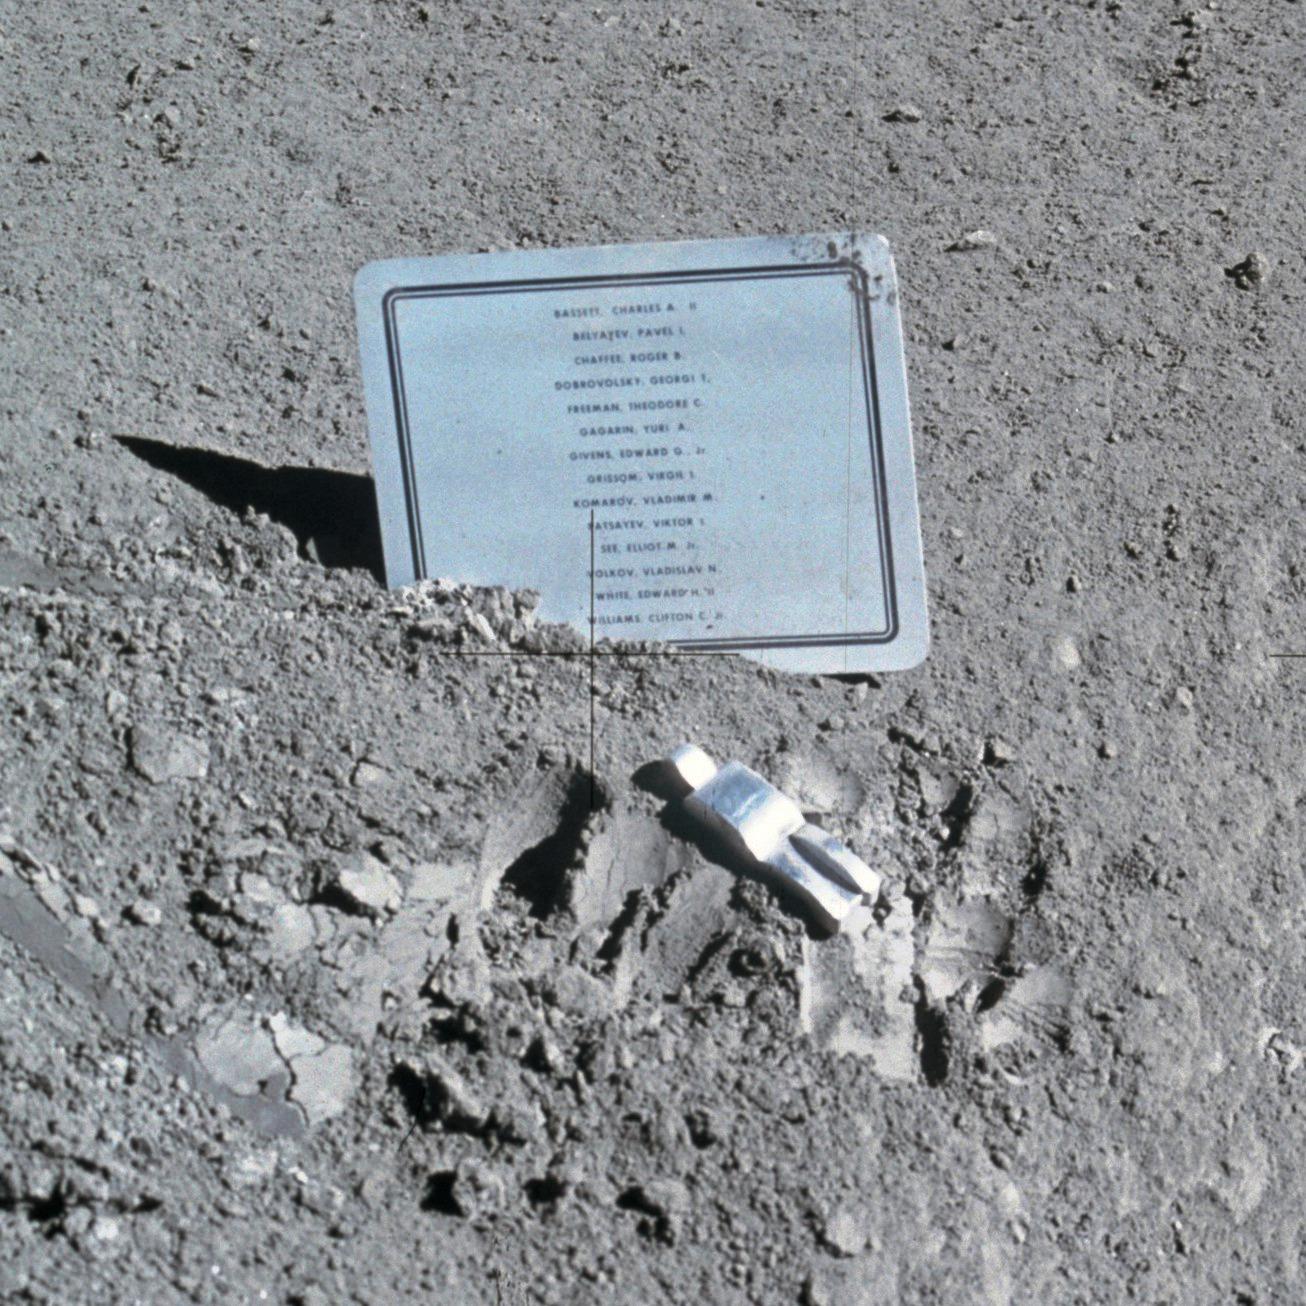 Fallen Astronaut.jpg